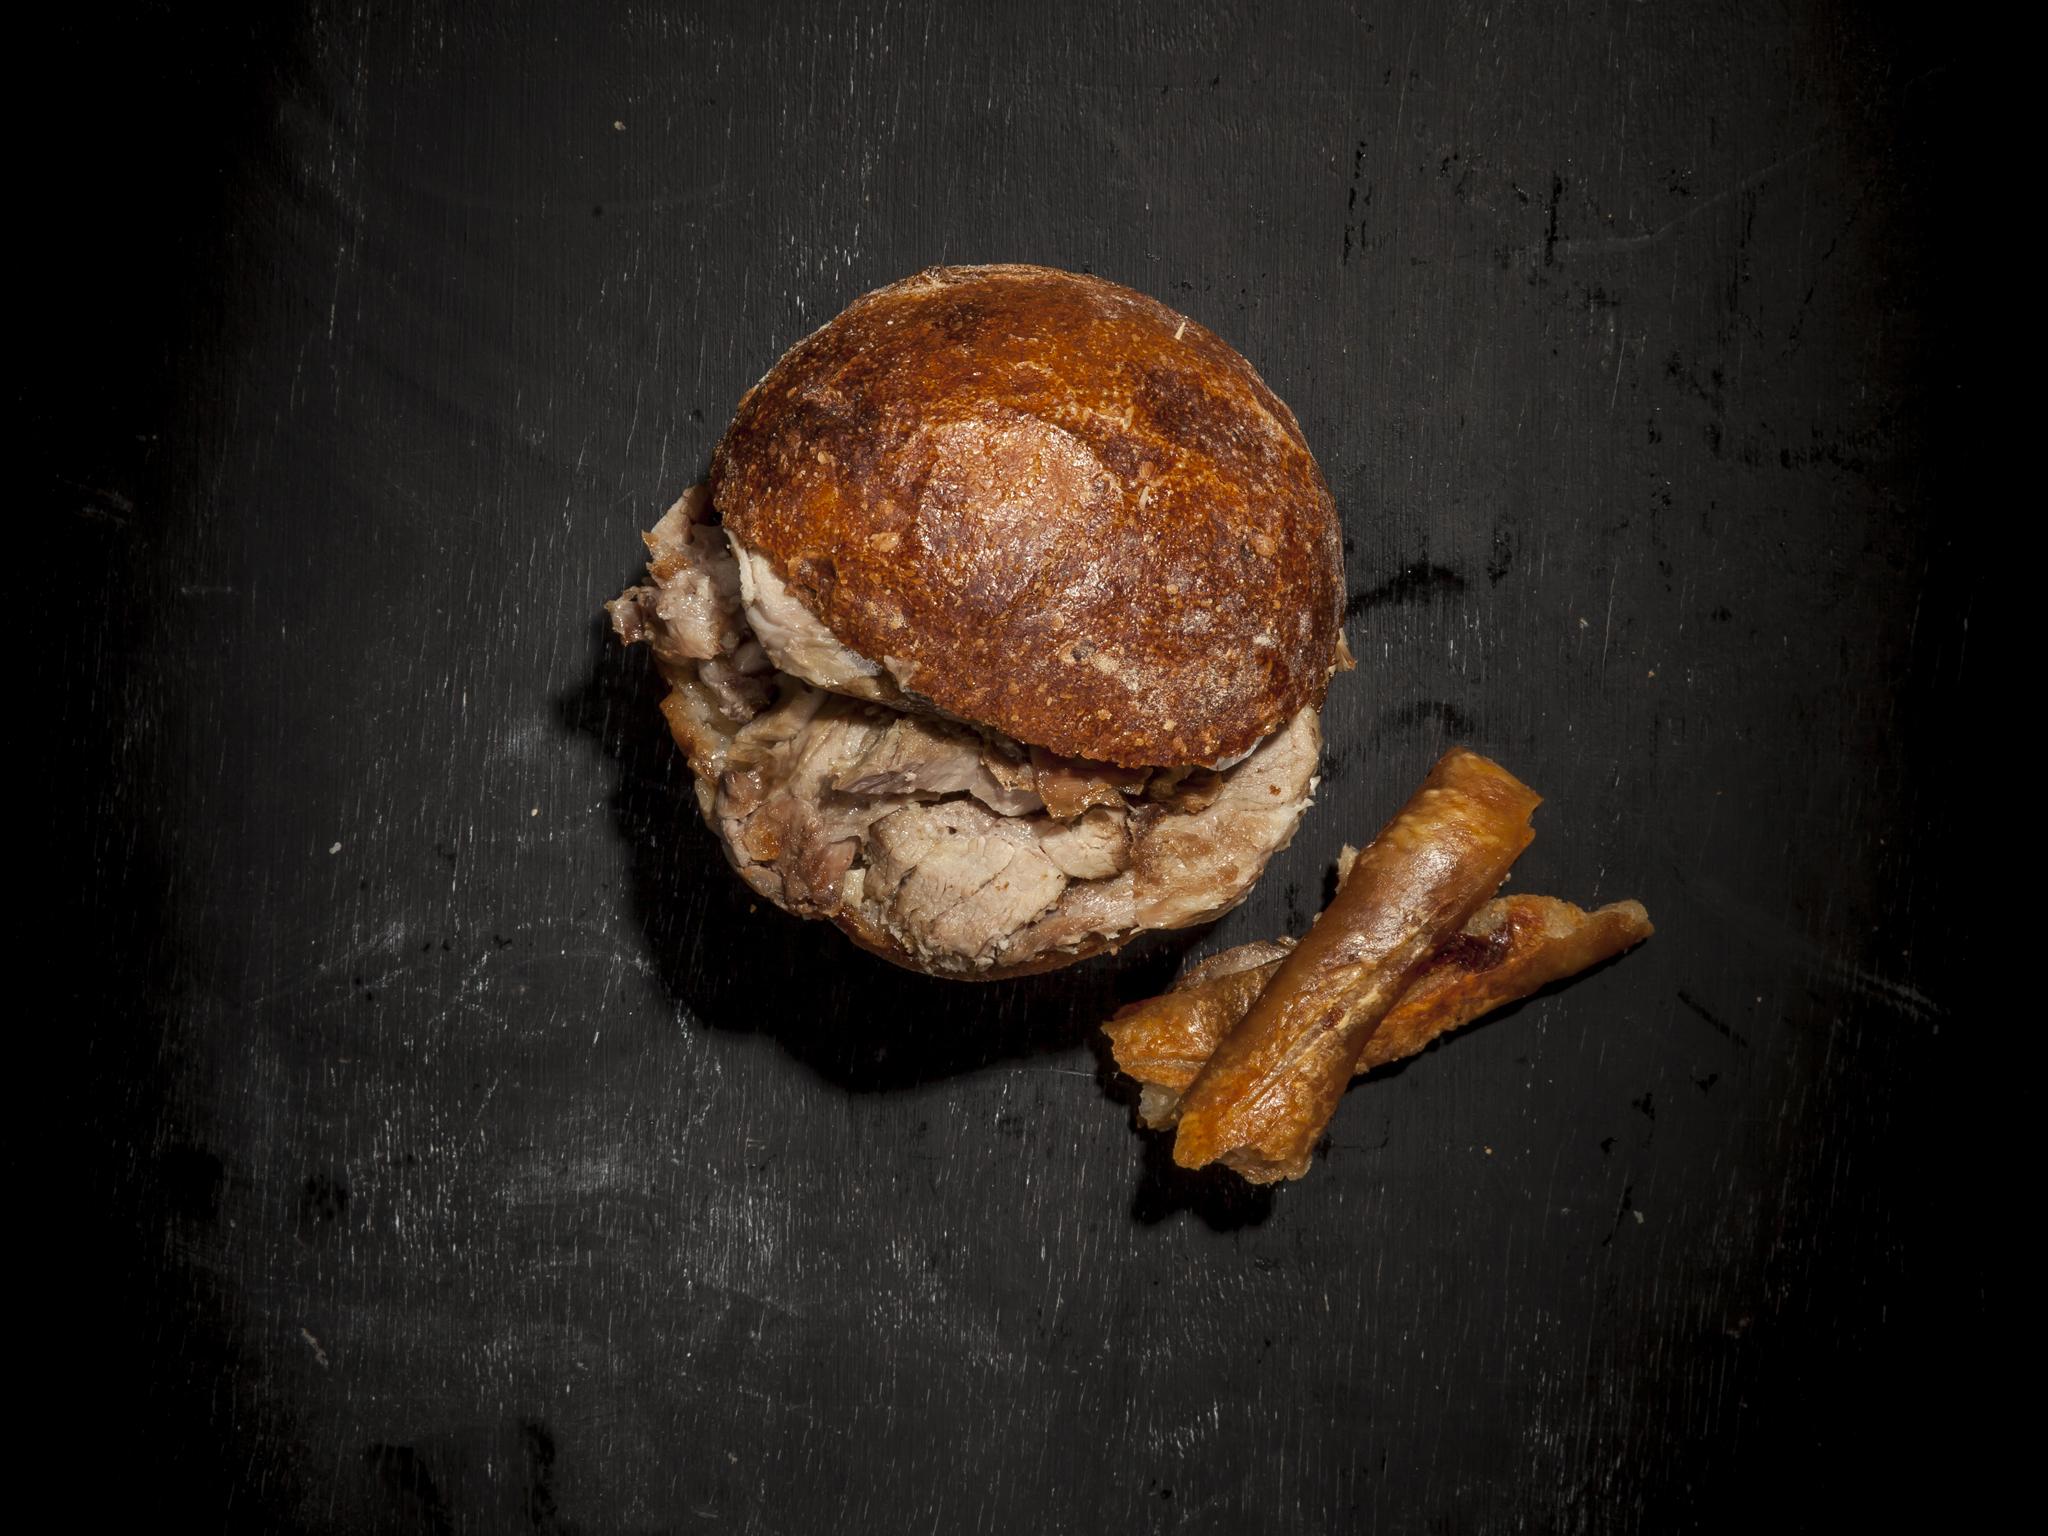 Southampton Arms - roast pork bap